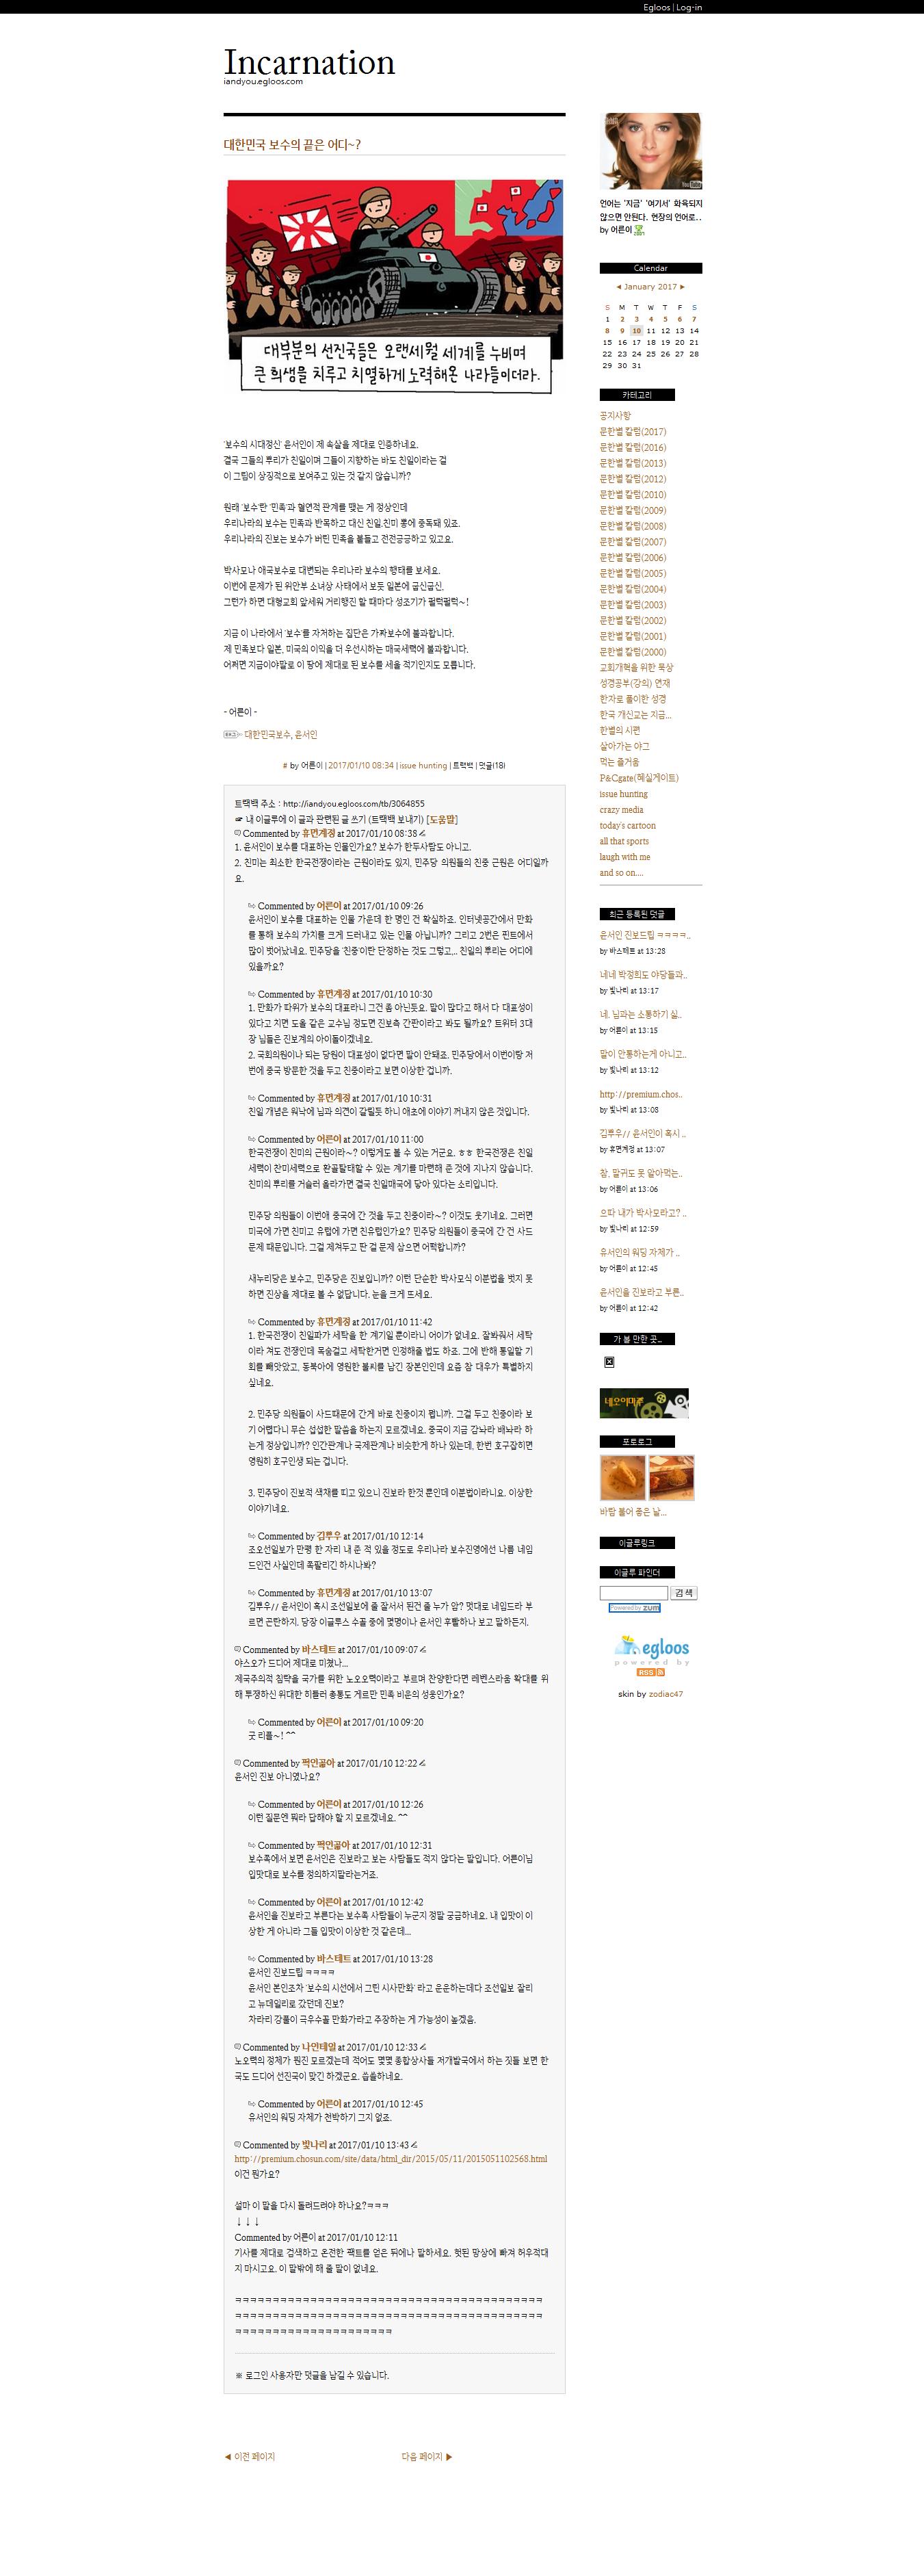 그 분의 블로그 방문객 350만명 돌파를 기념해 다시 보..